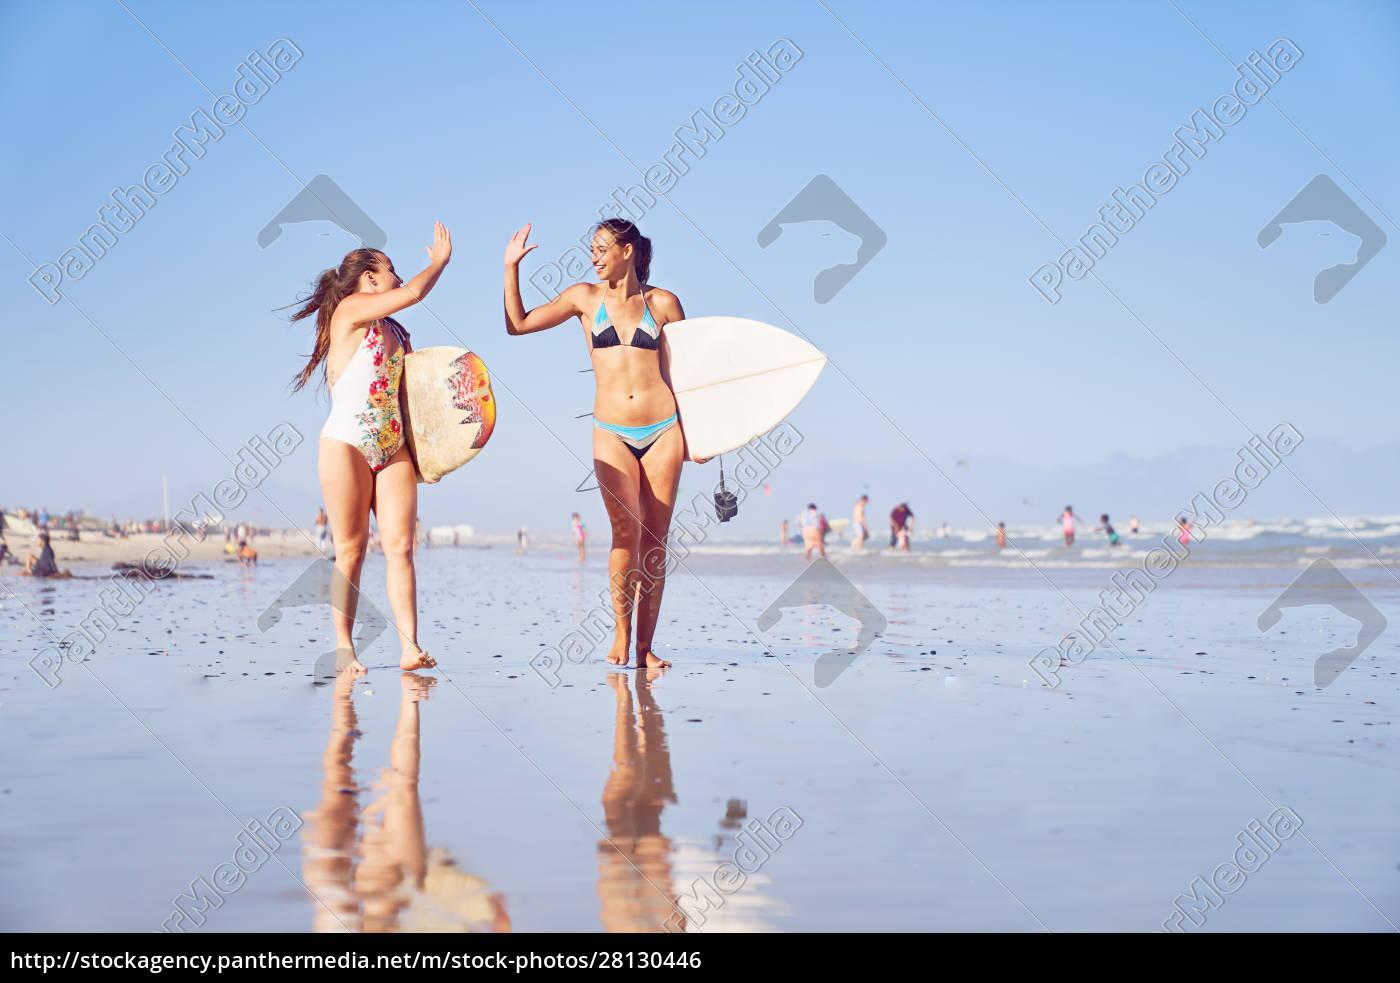 feliz, joven, surfista, amigos, alta, fiving - 28130446